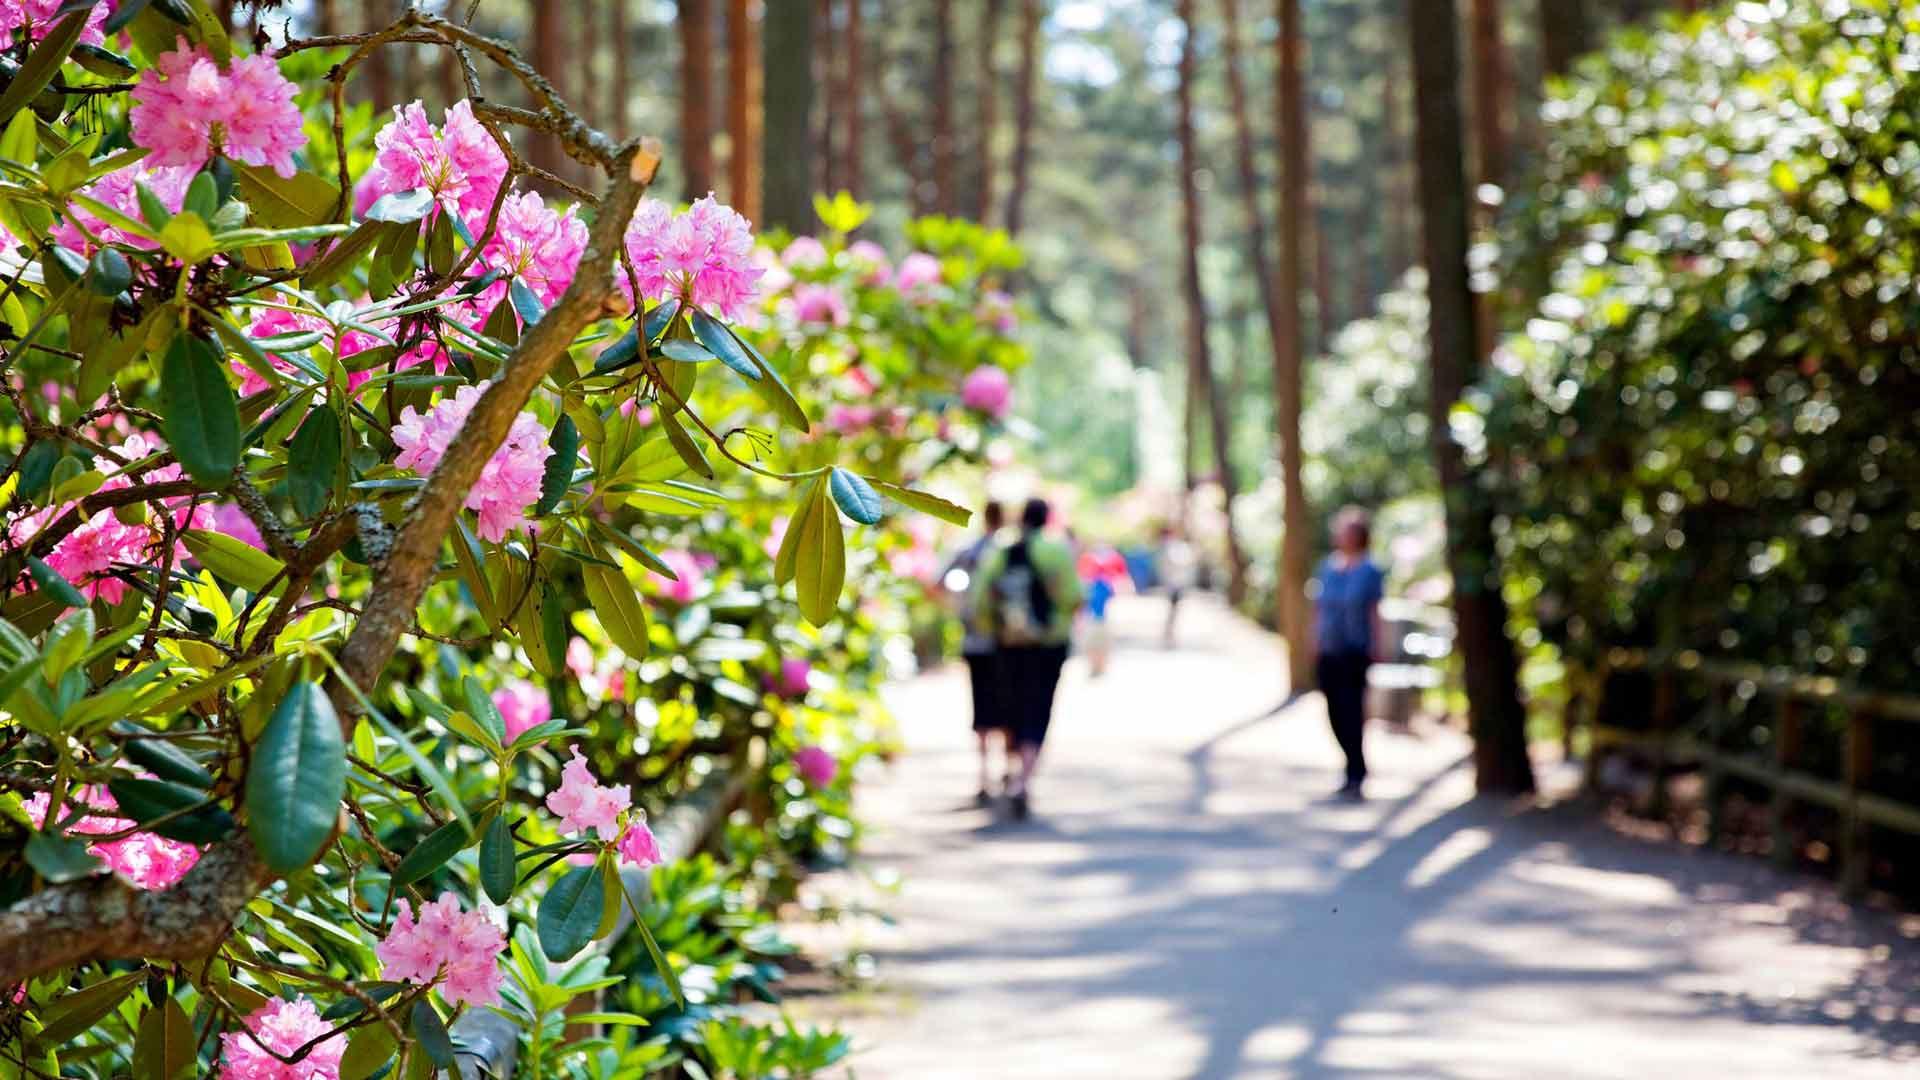 Kaupunkien puistot ovat joskus uskomattomia kukkakeitaita, joissa viihtyy pitemmänkin tovin.